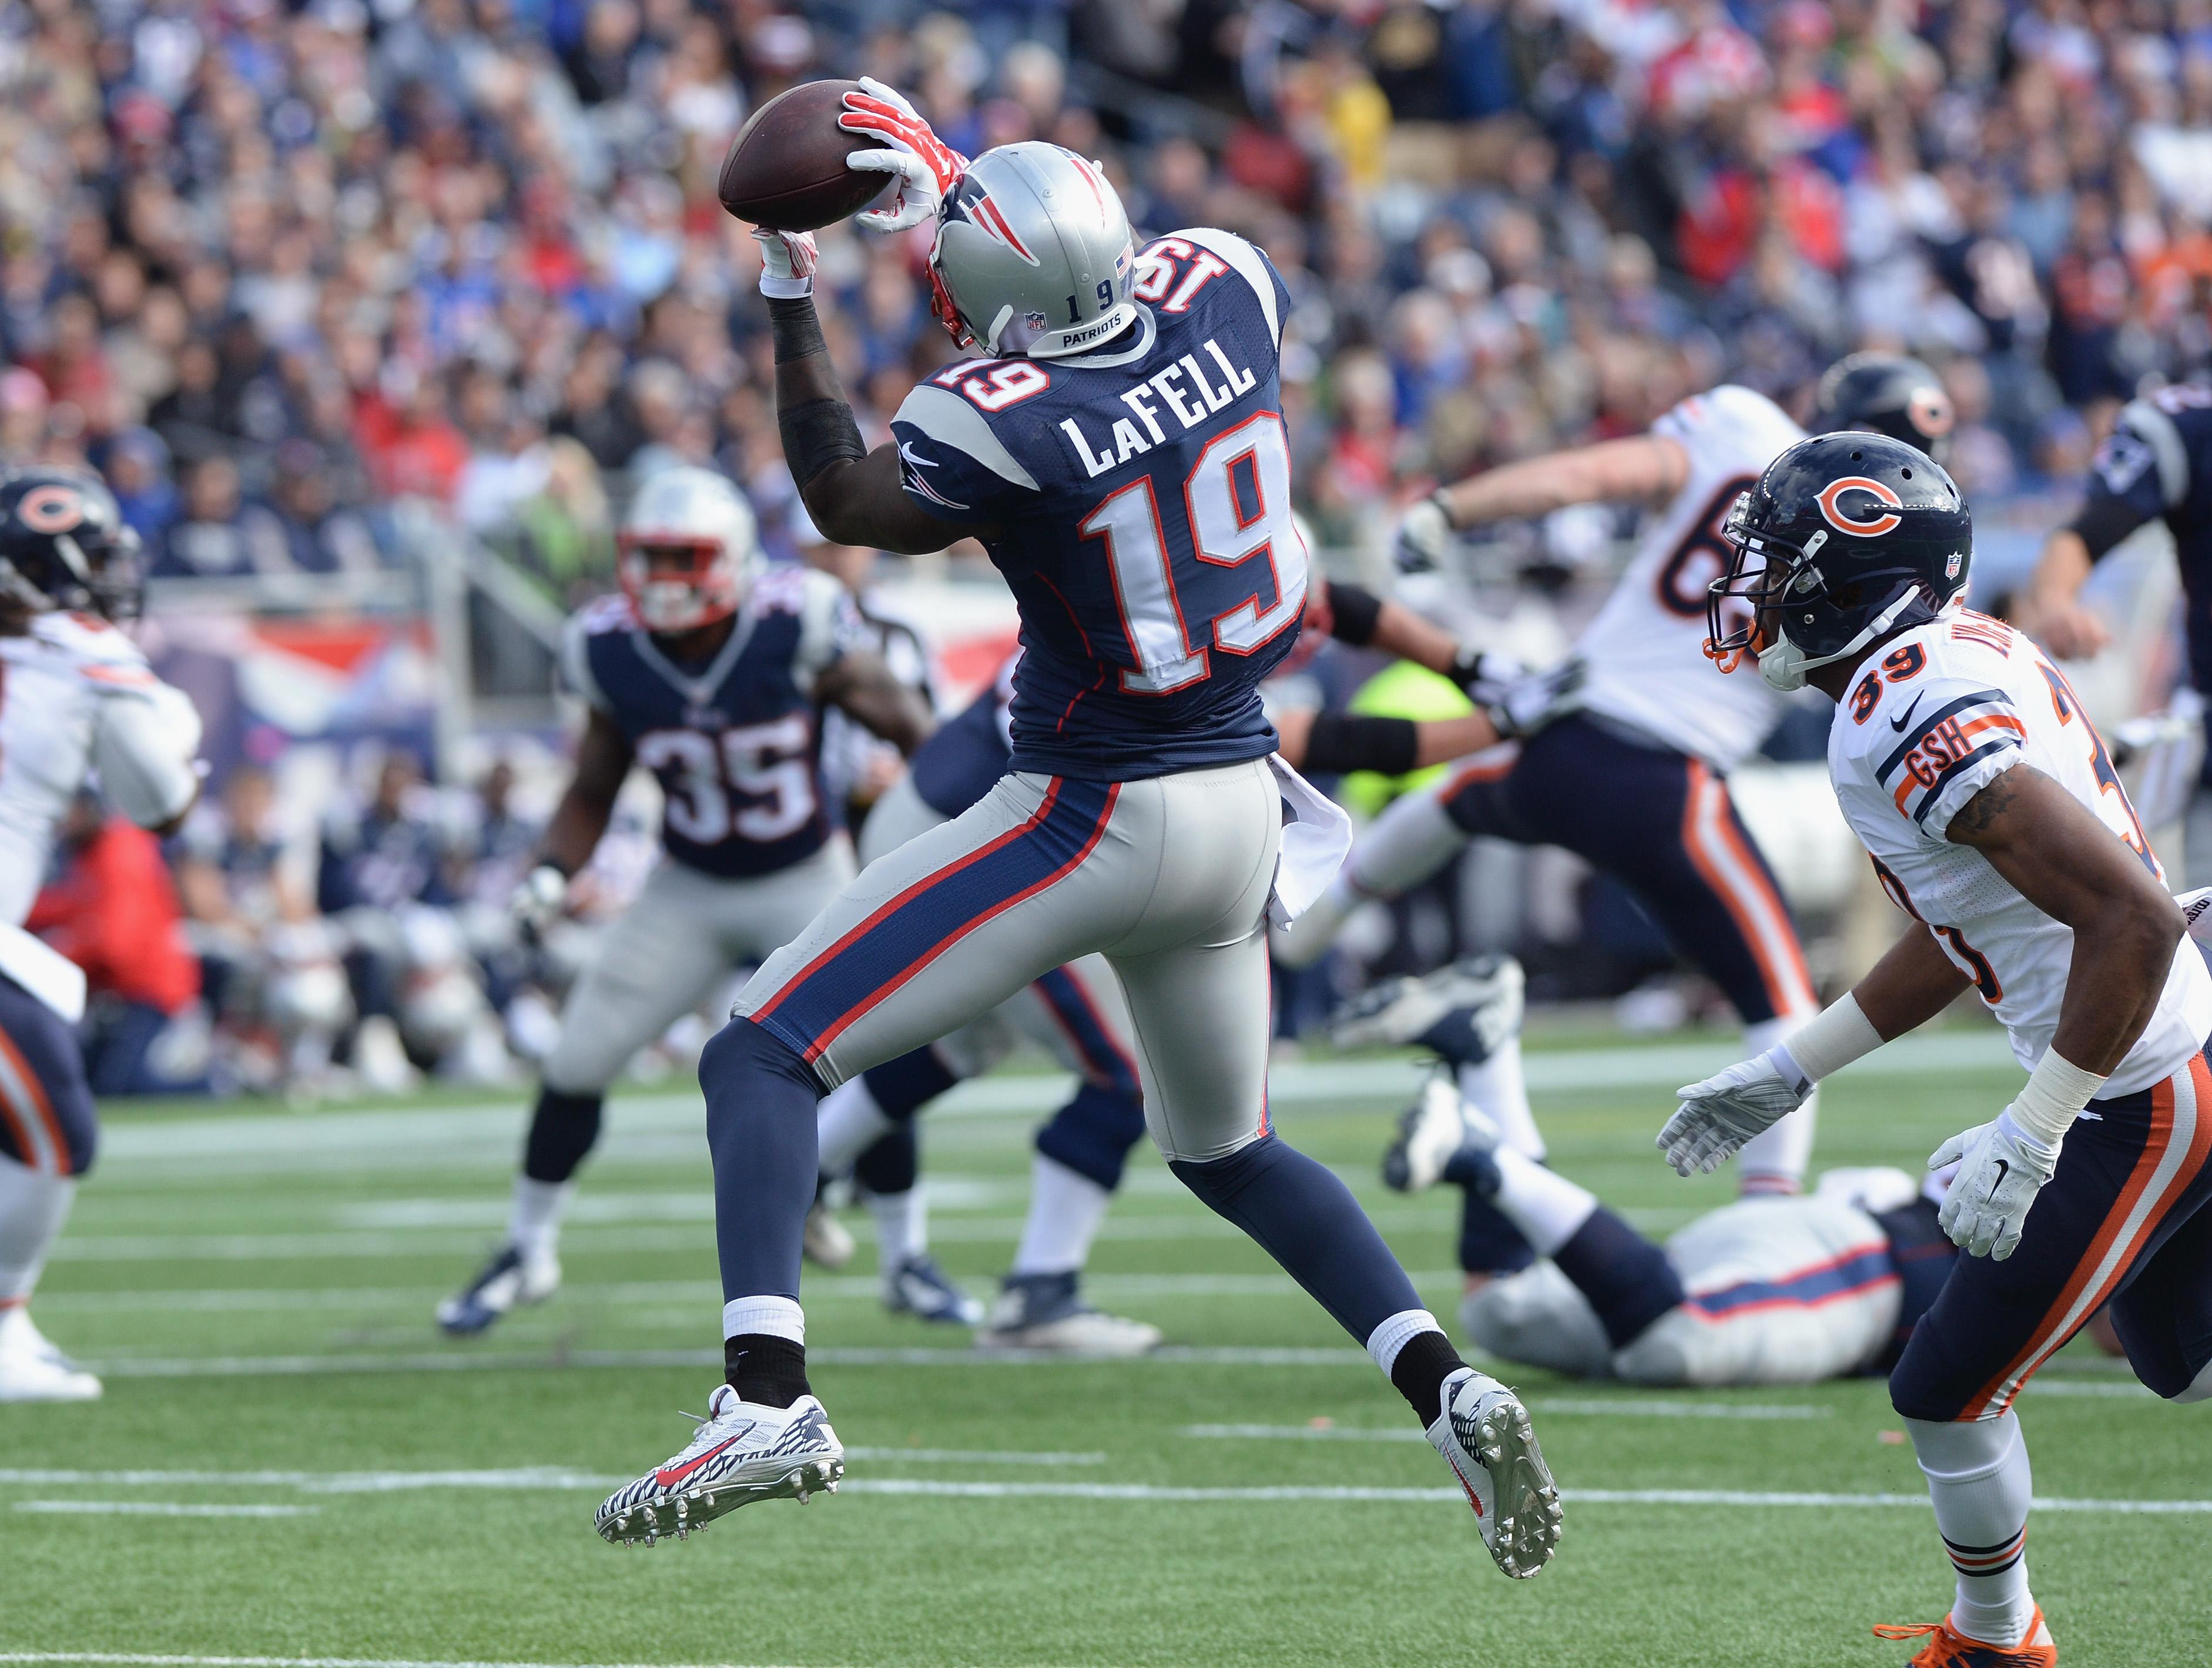 Brandon LaFell has found his niche with Patriots - The Boston Globe